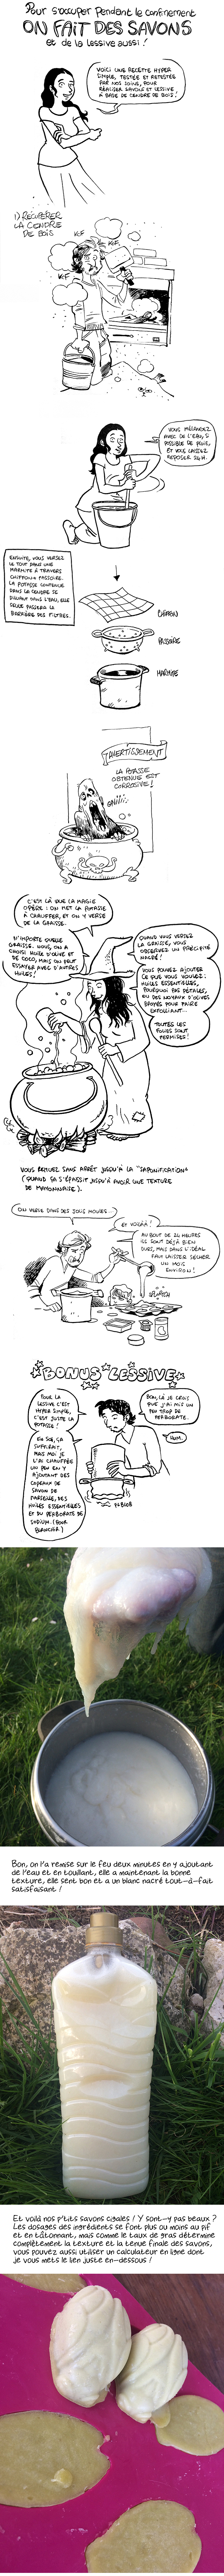 http://melaka.free.fr/blog/savons.jpg